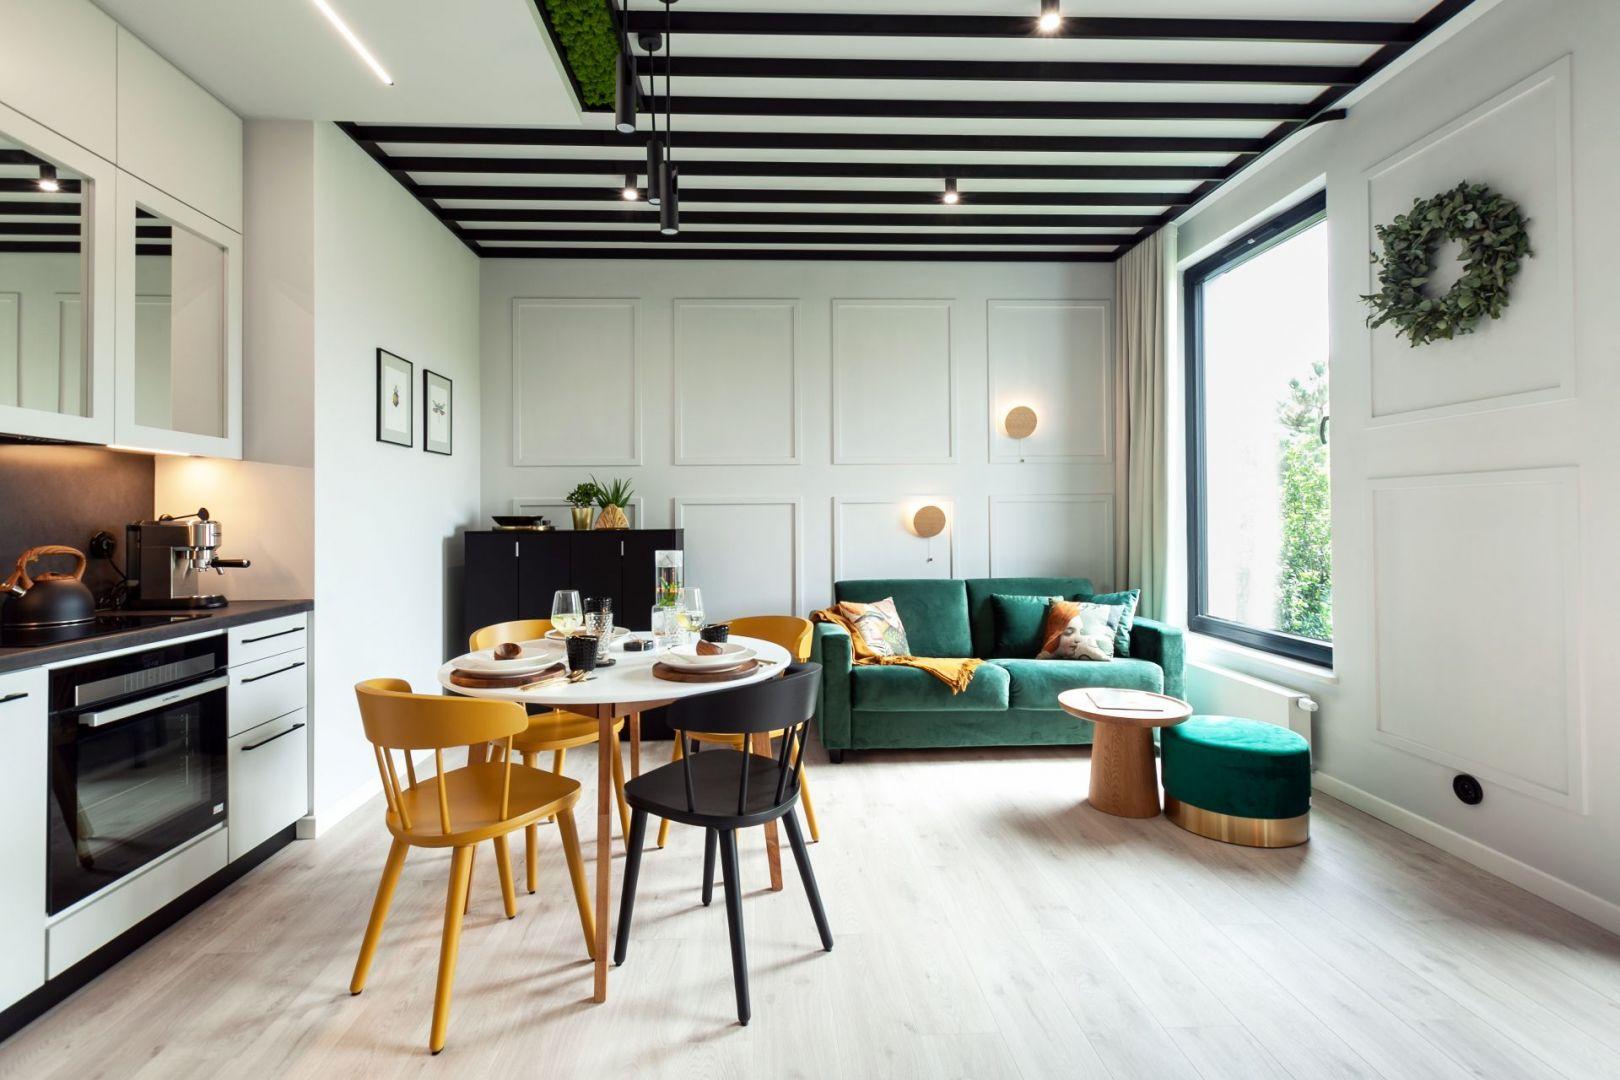 Salon z kuchnią i jadalnią. Projekt Arkadiusz Grzędzicki Projektowanie Wnętrz. Fot. Olga Kharina, XO foto